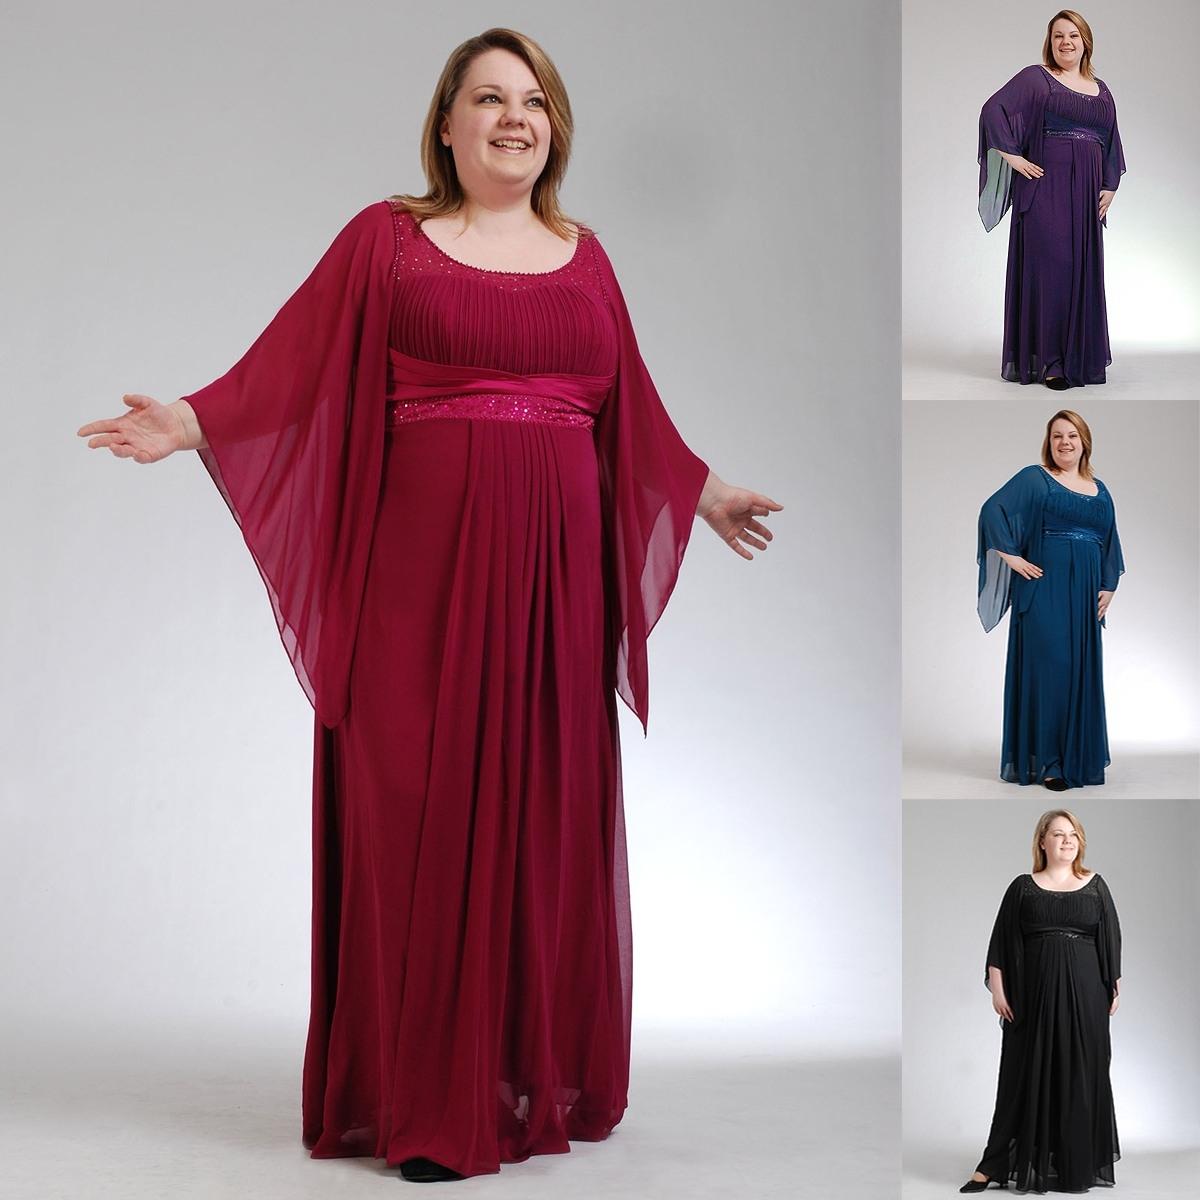 13 Luxurius Kleider Ab Größe 50 Ärmel17 Fantastisch Kleider Ab Größe 50 Stylish